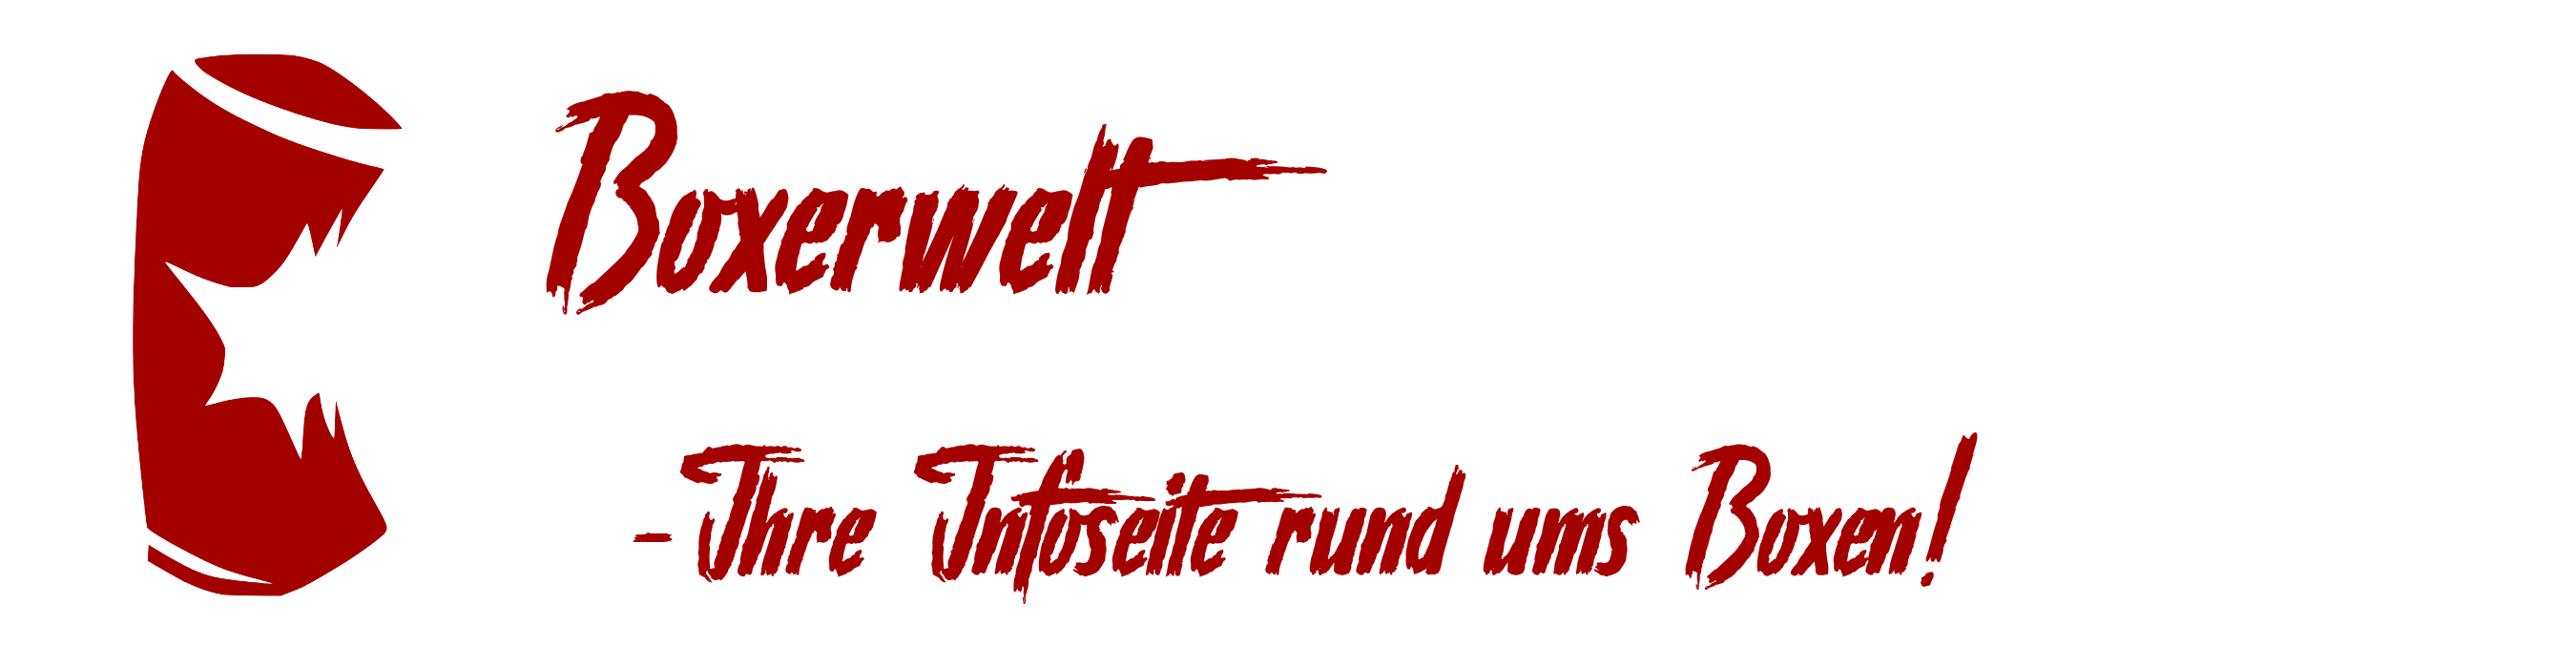 Boxerwelt